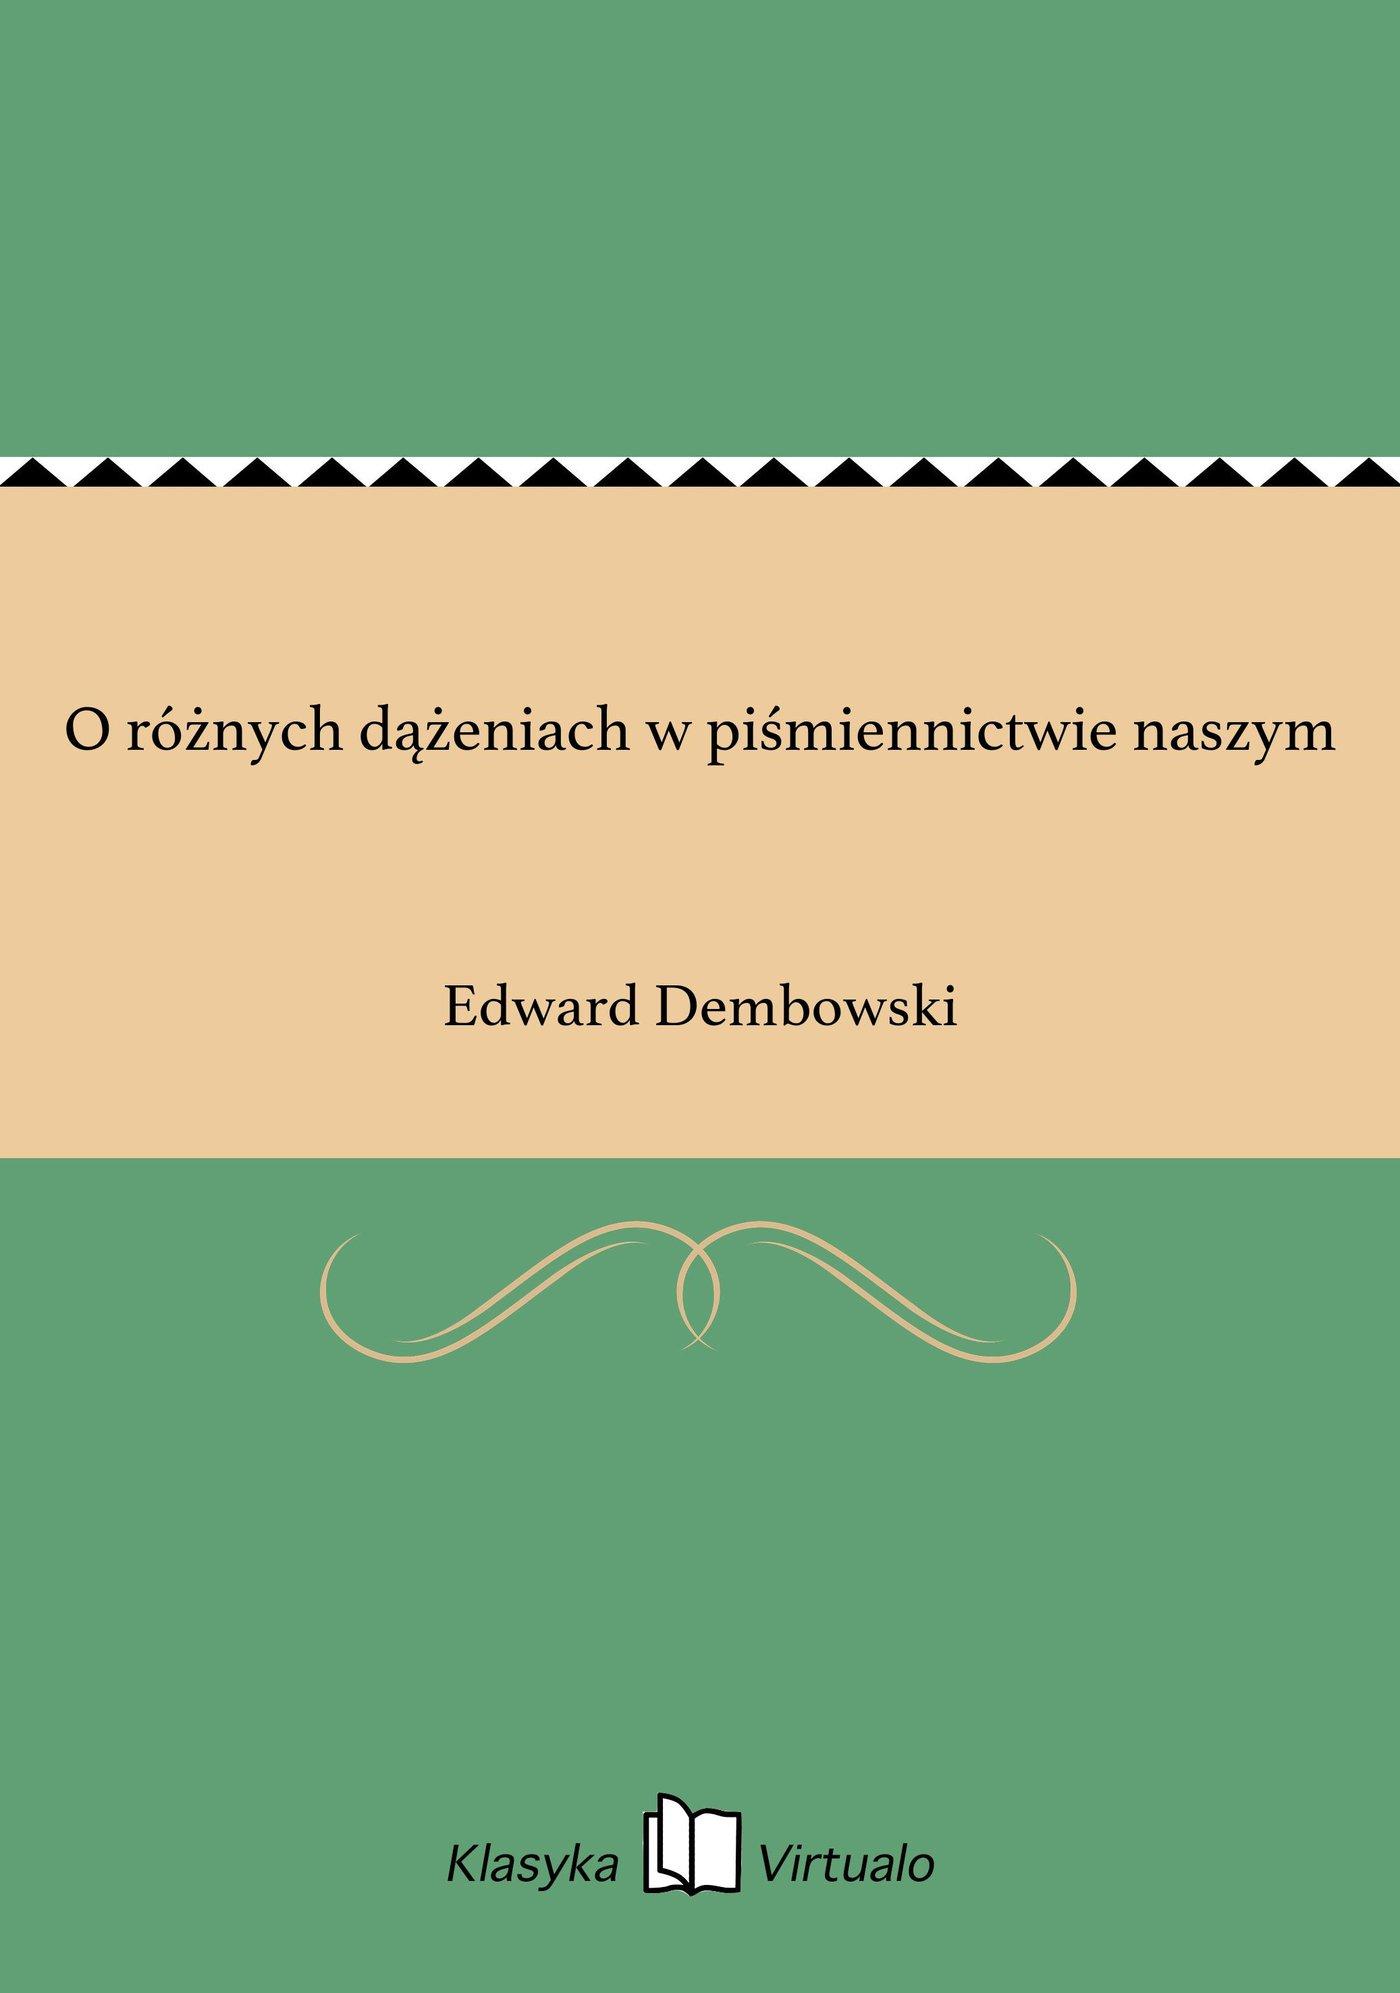 O różnych dążeniach w piśmiennictwie naszym - Ebook (Książka EPUB) do pobrania w formacie EPUB